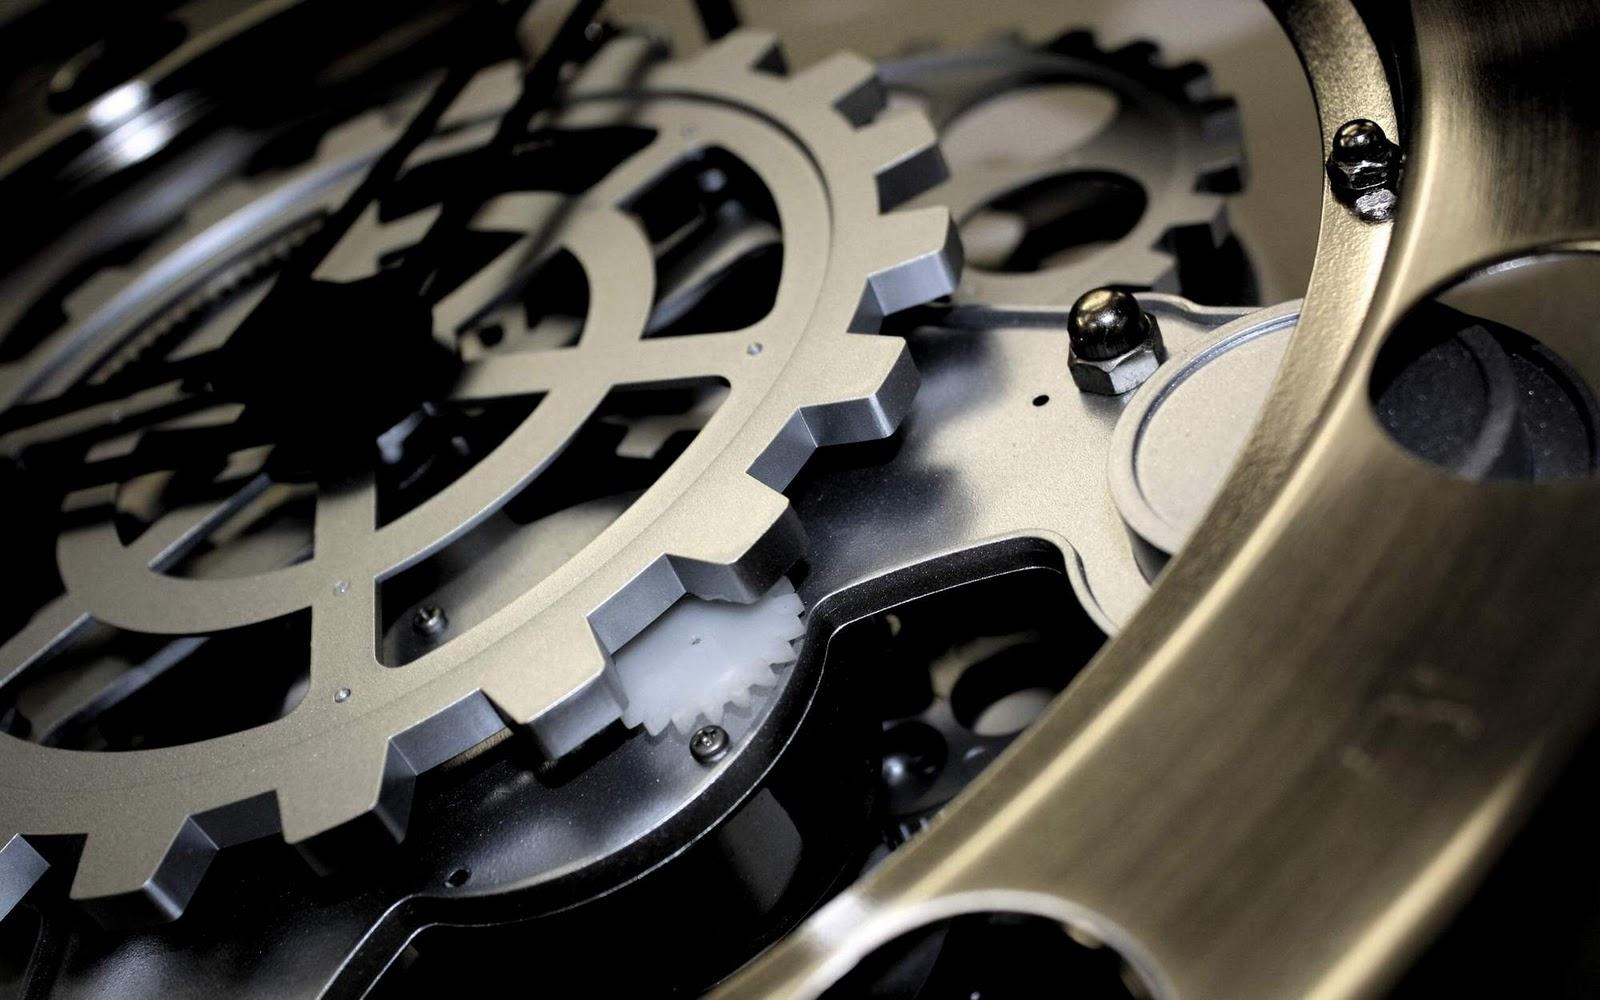 http://3.bp.blogspot.com/-9pD3RLX1QEA/TokzUjT_HLI/AAAAAAAACjE/OvjdP-346lE/s1600/Darkening_Clockwork_by_Matt_Katzenberger.jpg